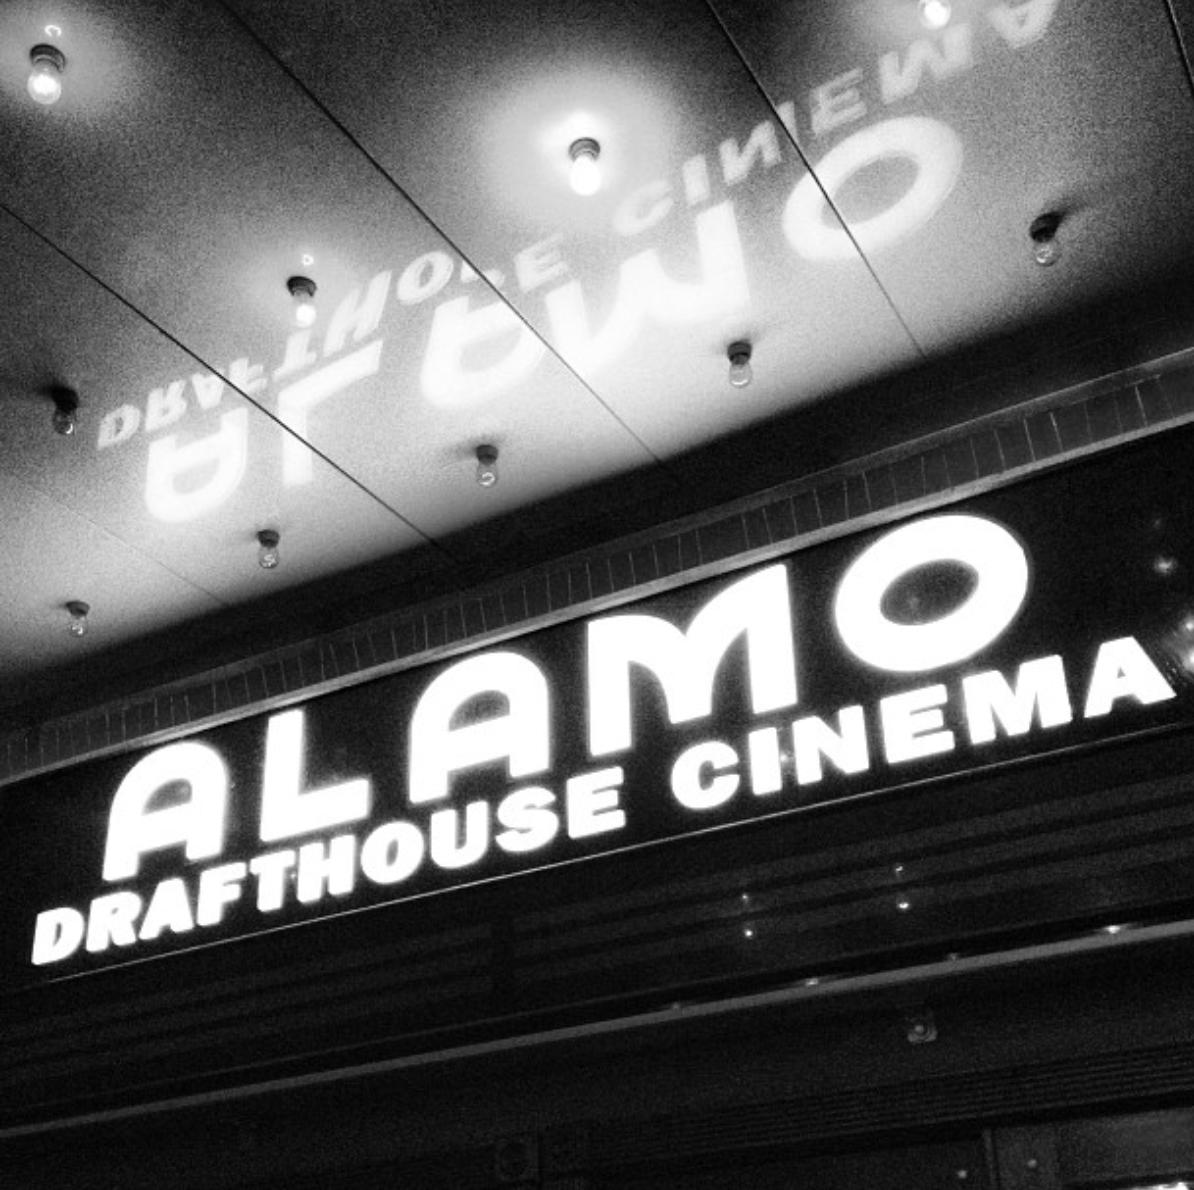 AlamoDrafthouse_Ritz.png